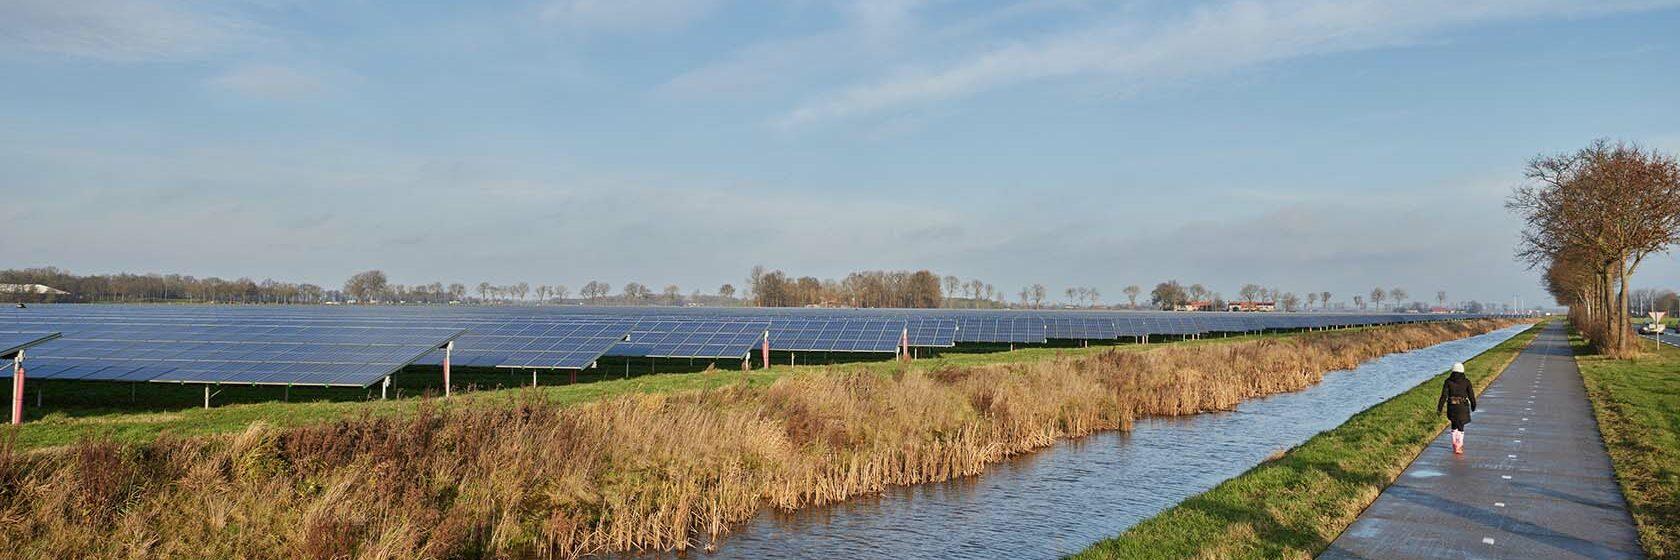 Fietser op weg naast zonnepark voor duurzame energie